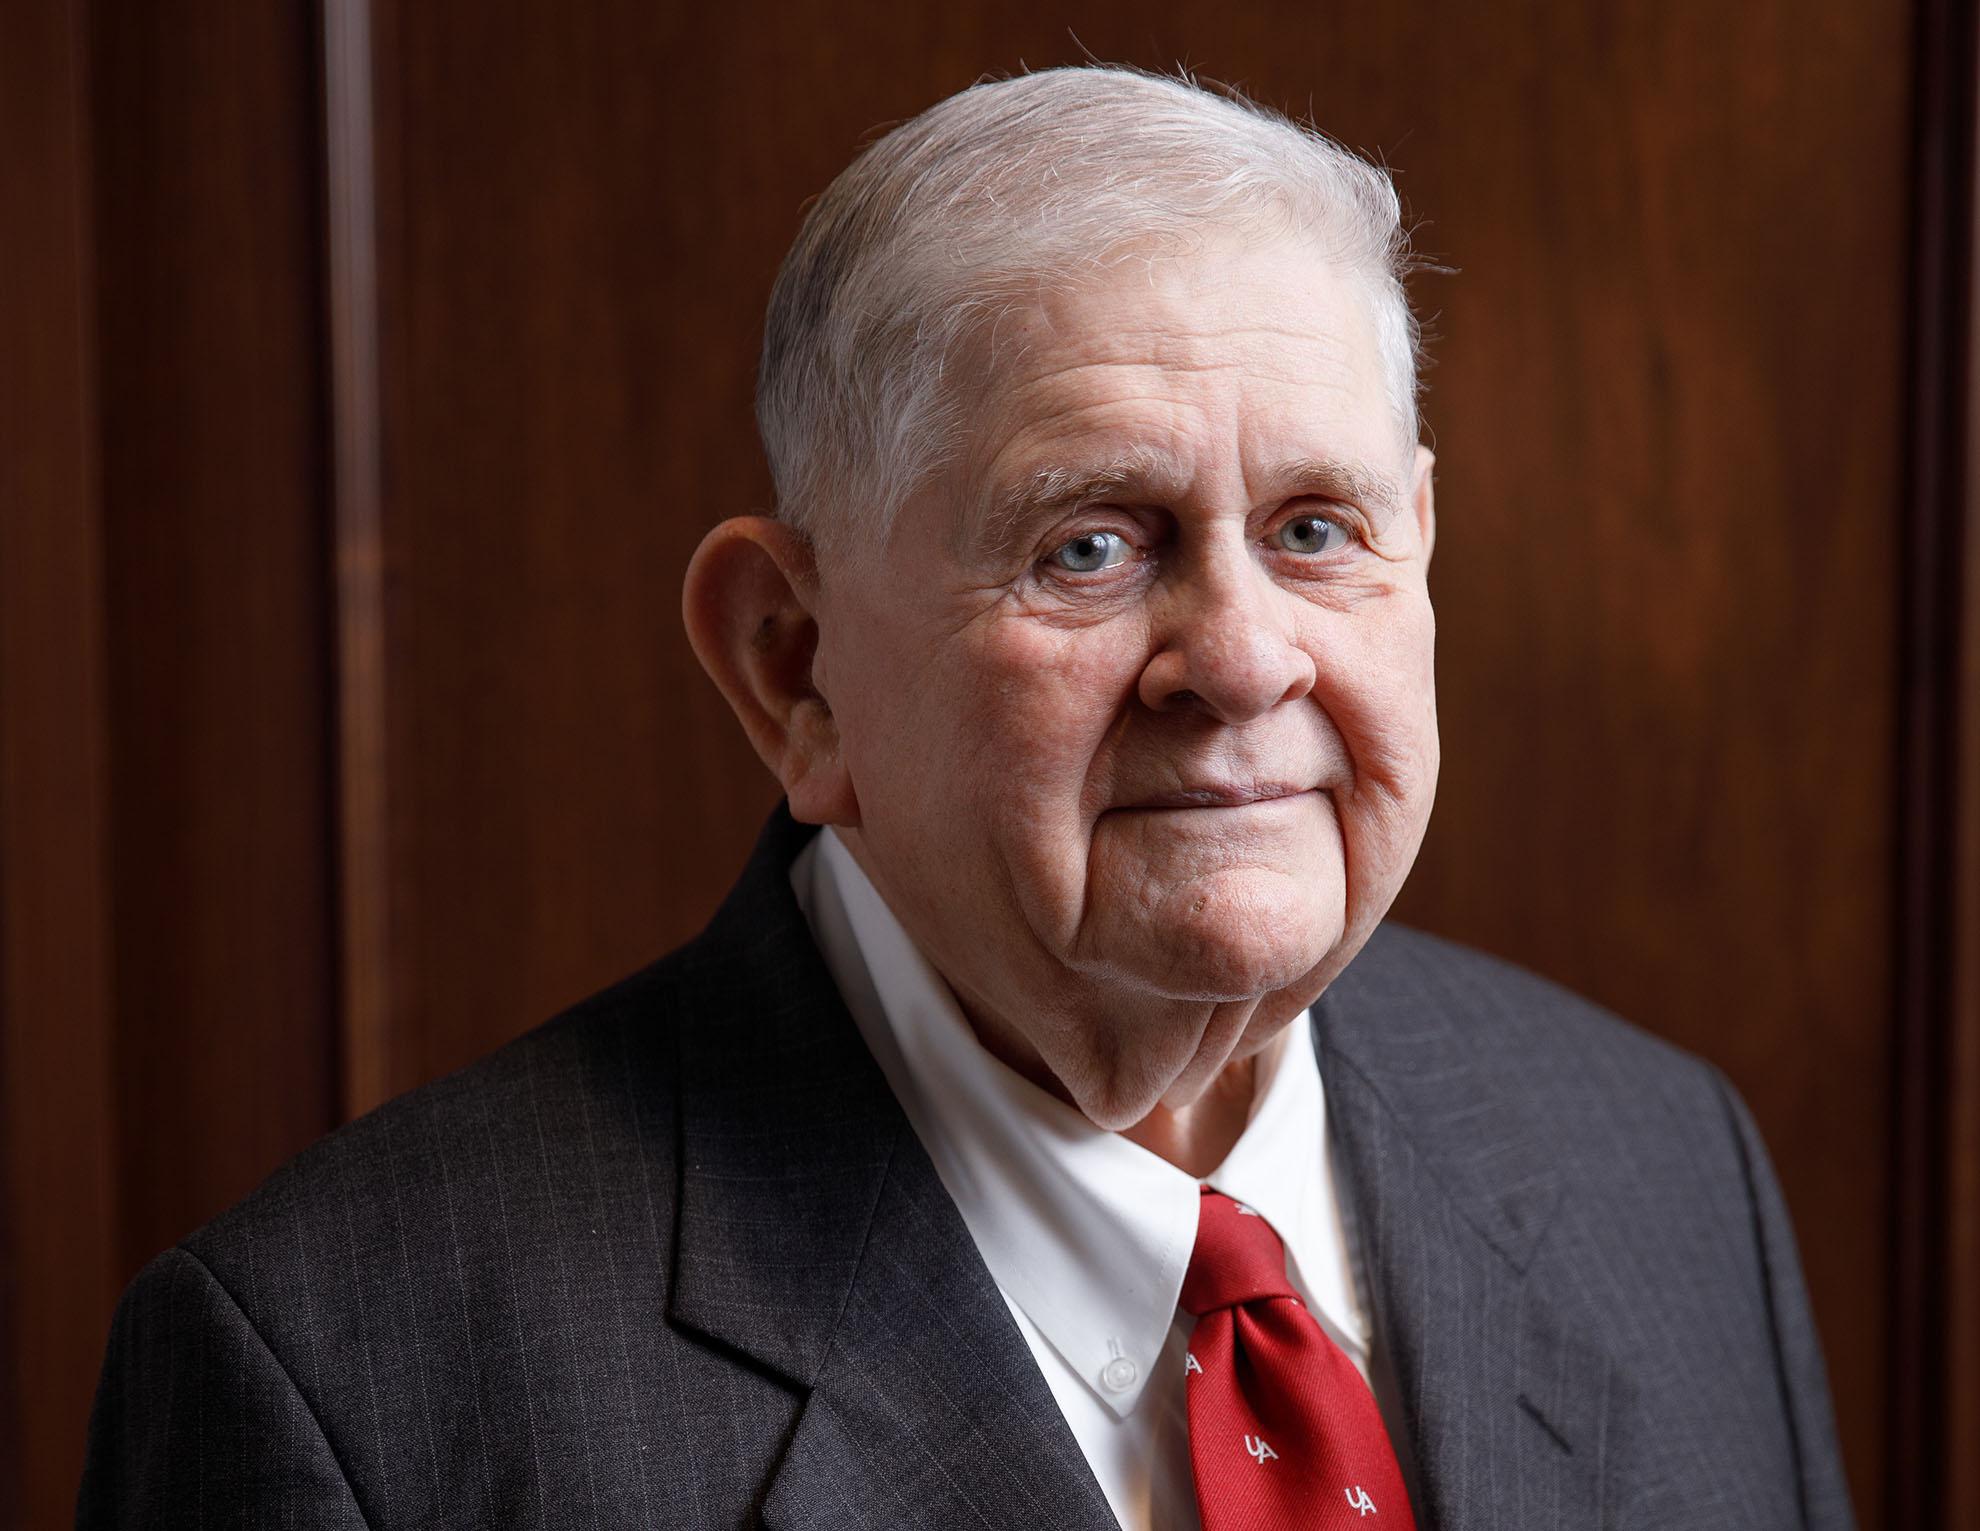 Older gentleman with red tie.